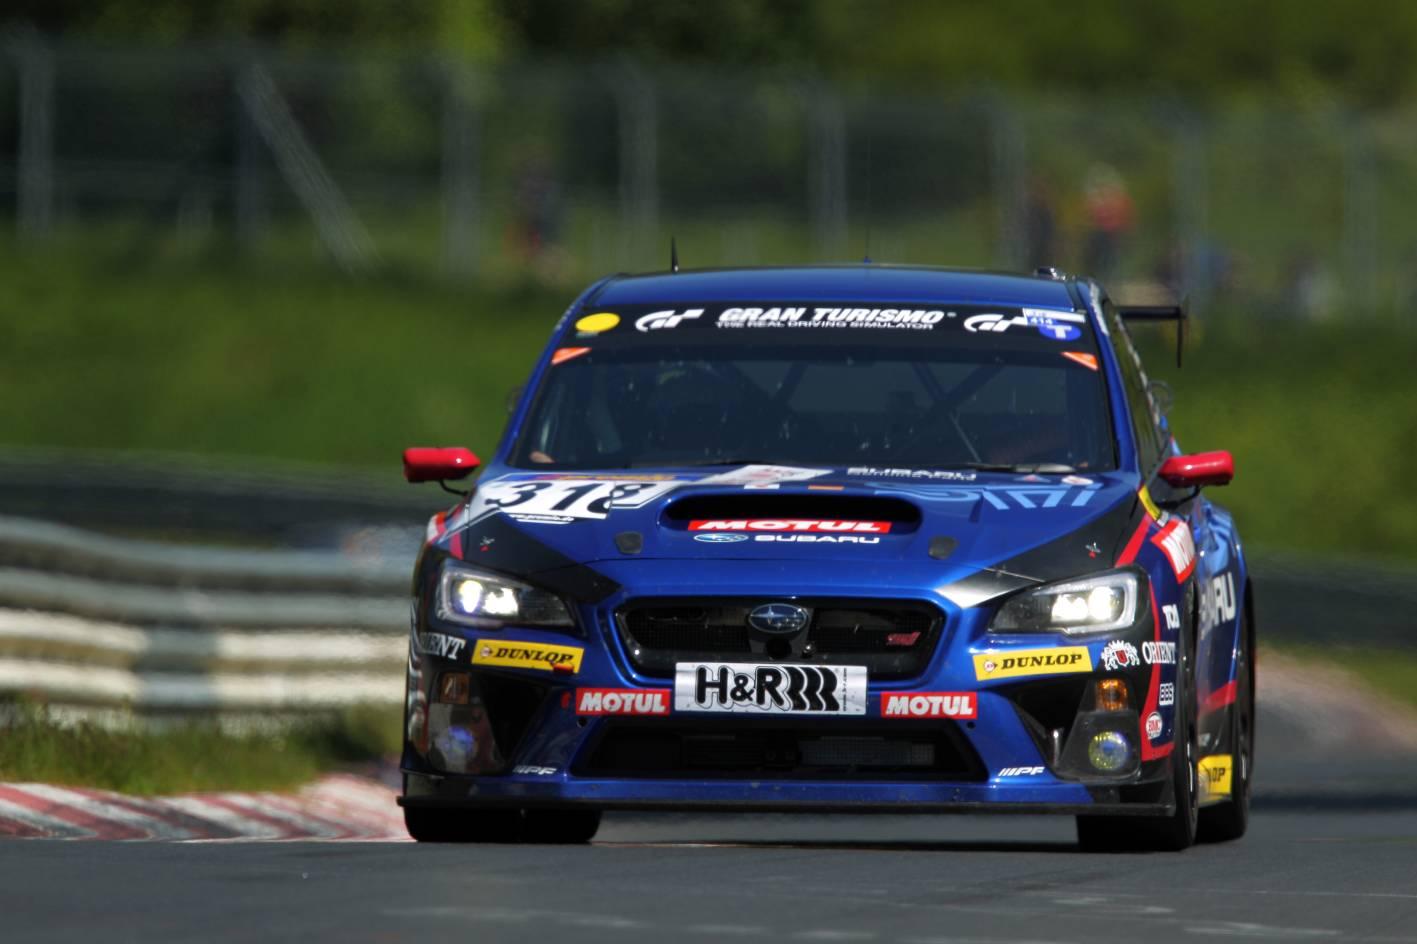 Brz Vs Wrx >> Subaru Cars - News: new WRX STI heads to Nürburgring 24-Hour